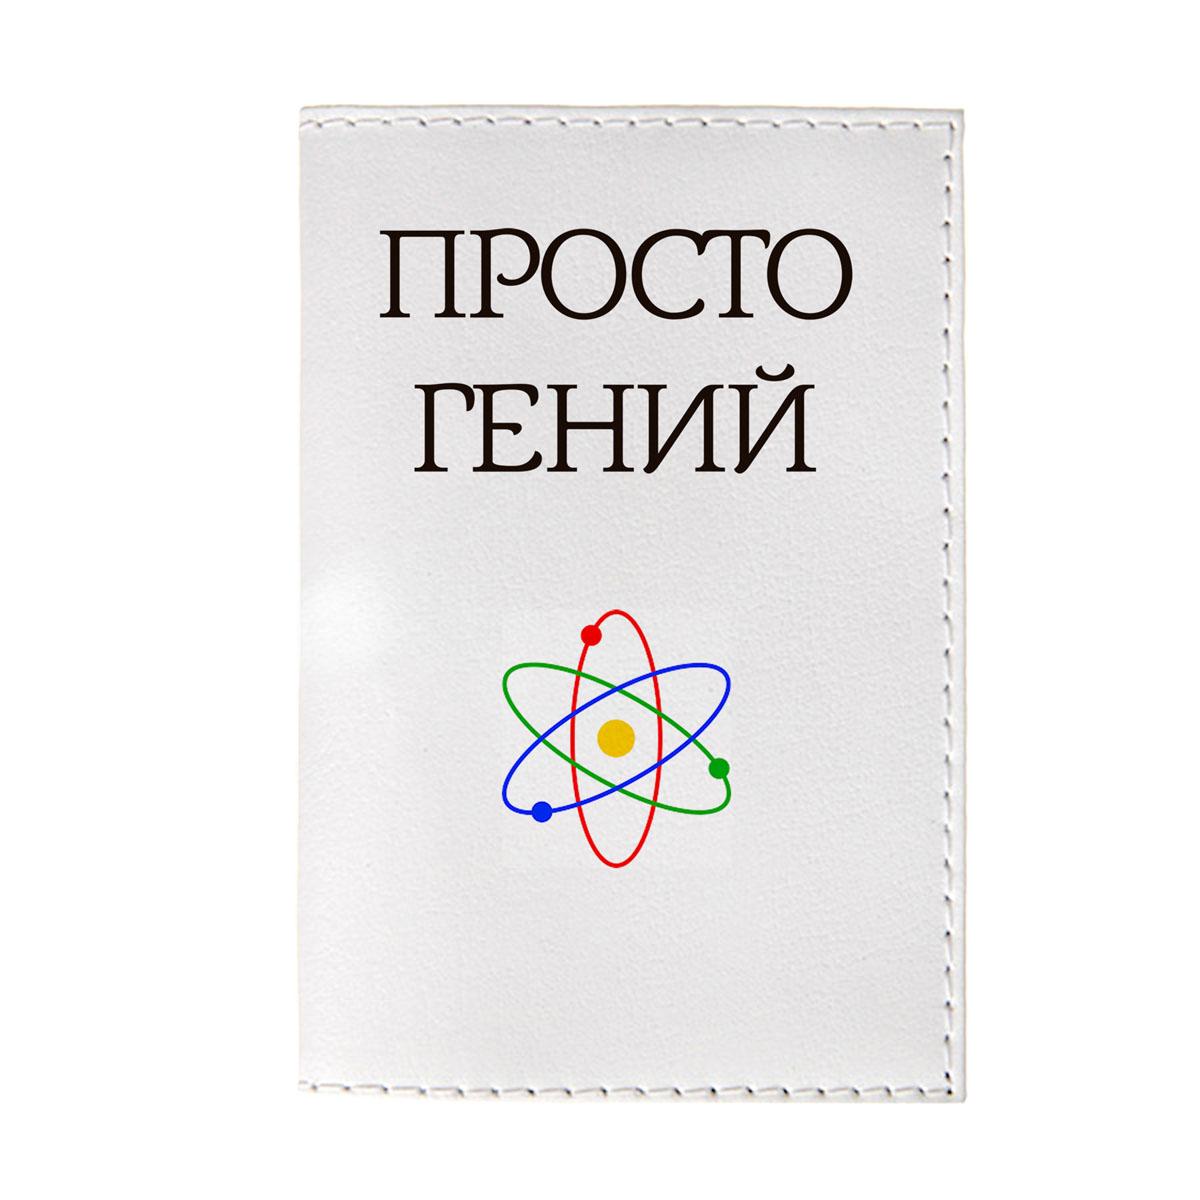 Обложка для паспорта Mitya Veselkov Просто гений, цвет: белый. OZAM394ПВХ (поливинилхлорид)Обложка для паспорта Mitya Veselkov Просто гений не только поможет сохранить внешний вид ваших документов и защитить их от повреждений, но и станет стильным аксессуаром, идеально подходящим вашему образу.Она выполнена из поливинилхлорида, внутри имеет два вертикальных кармашка из прозрачного пластика.Такая обложка поможет вам подчеркнуть свою индивидуальность и неповторимость!Обложка для паспорта стильного дизайна может быть достойным и оригинальным подарком.